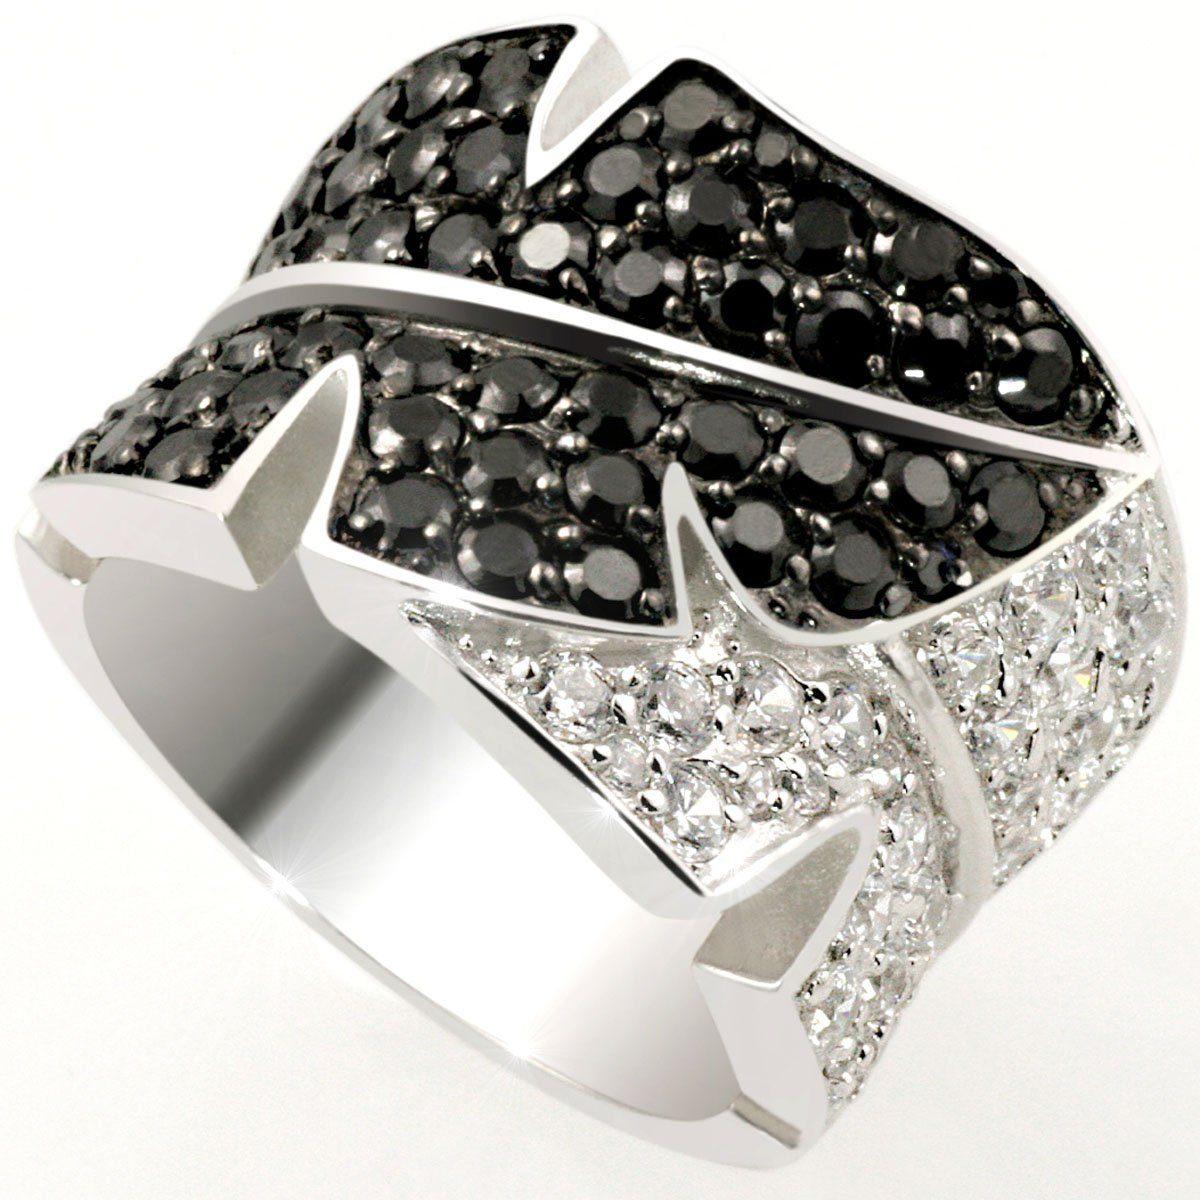 Averdin Damenring Silber 925 Optik schwarz-weiss Blätter